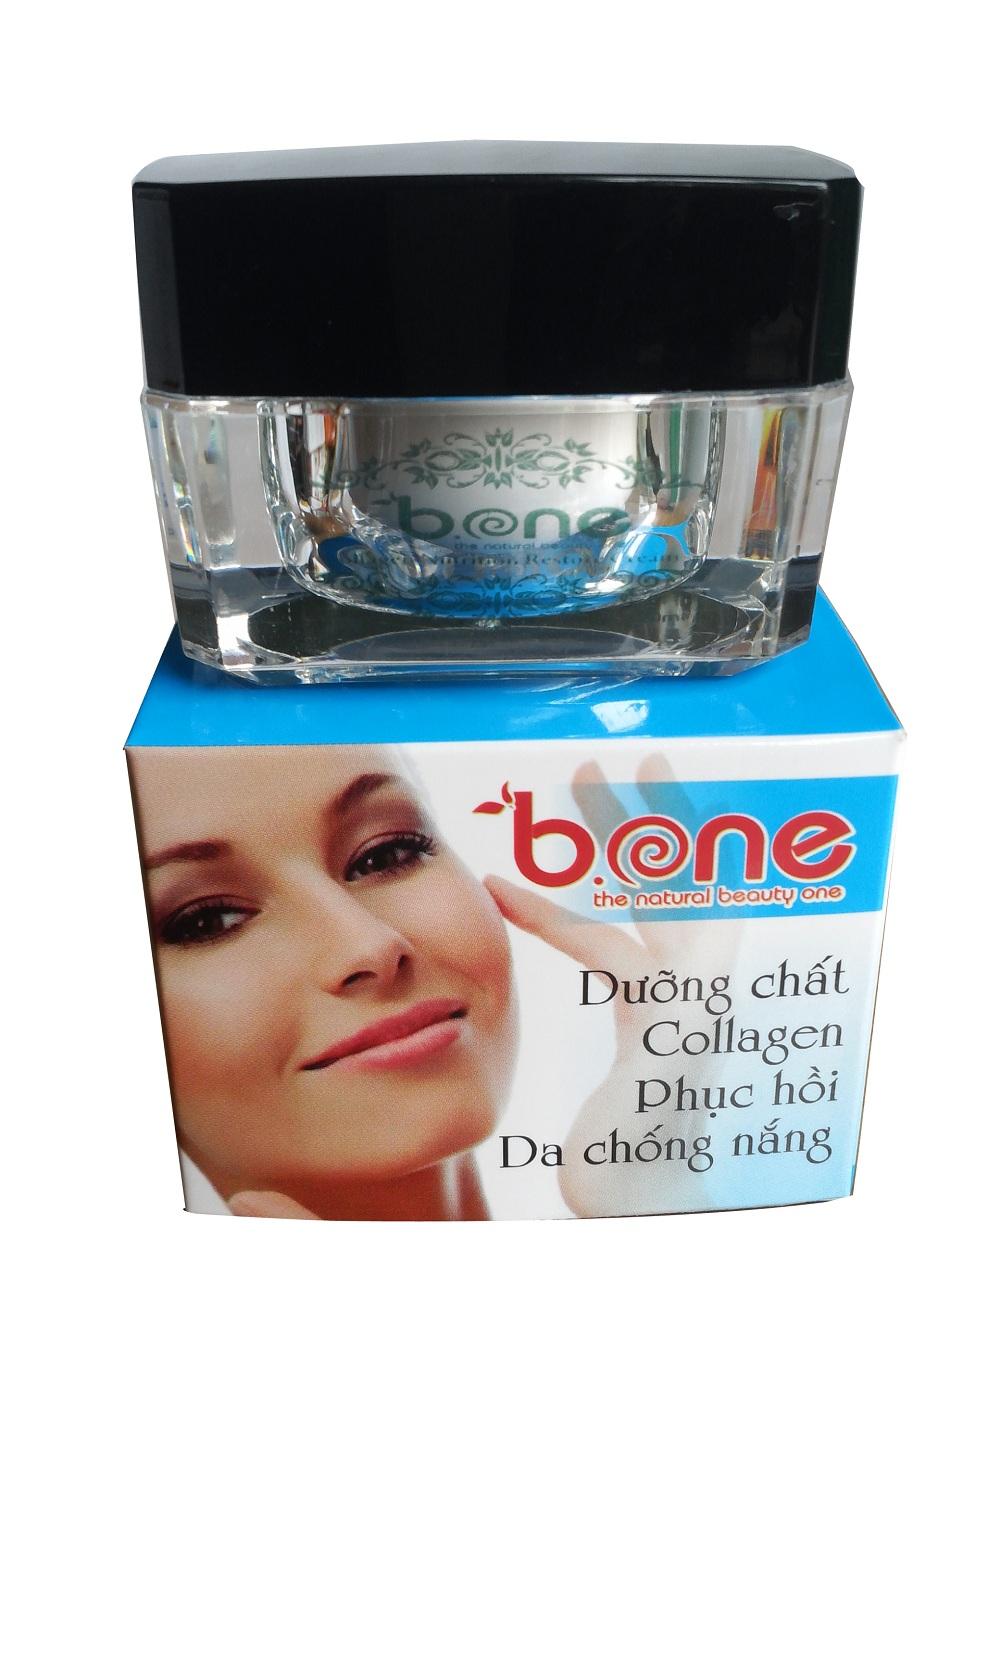 duong-chat-collagen-phuc-hoi-da-hu-ton-chong-nang